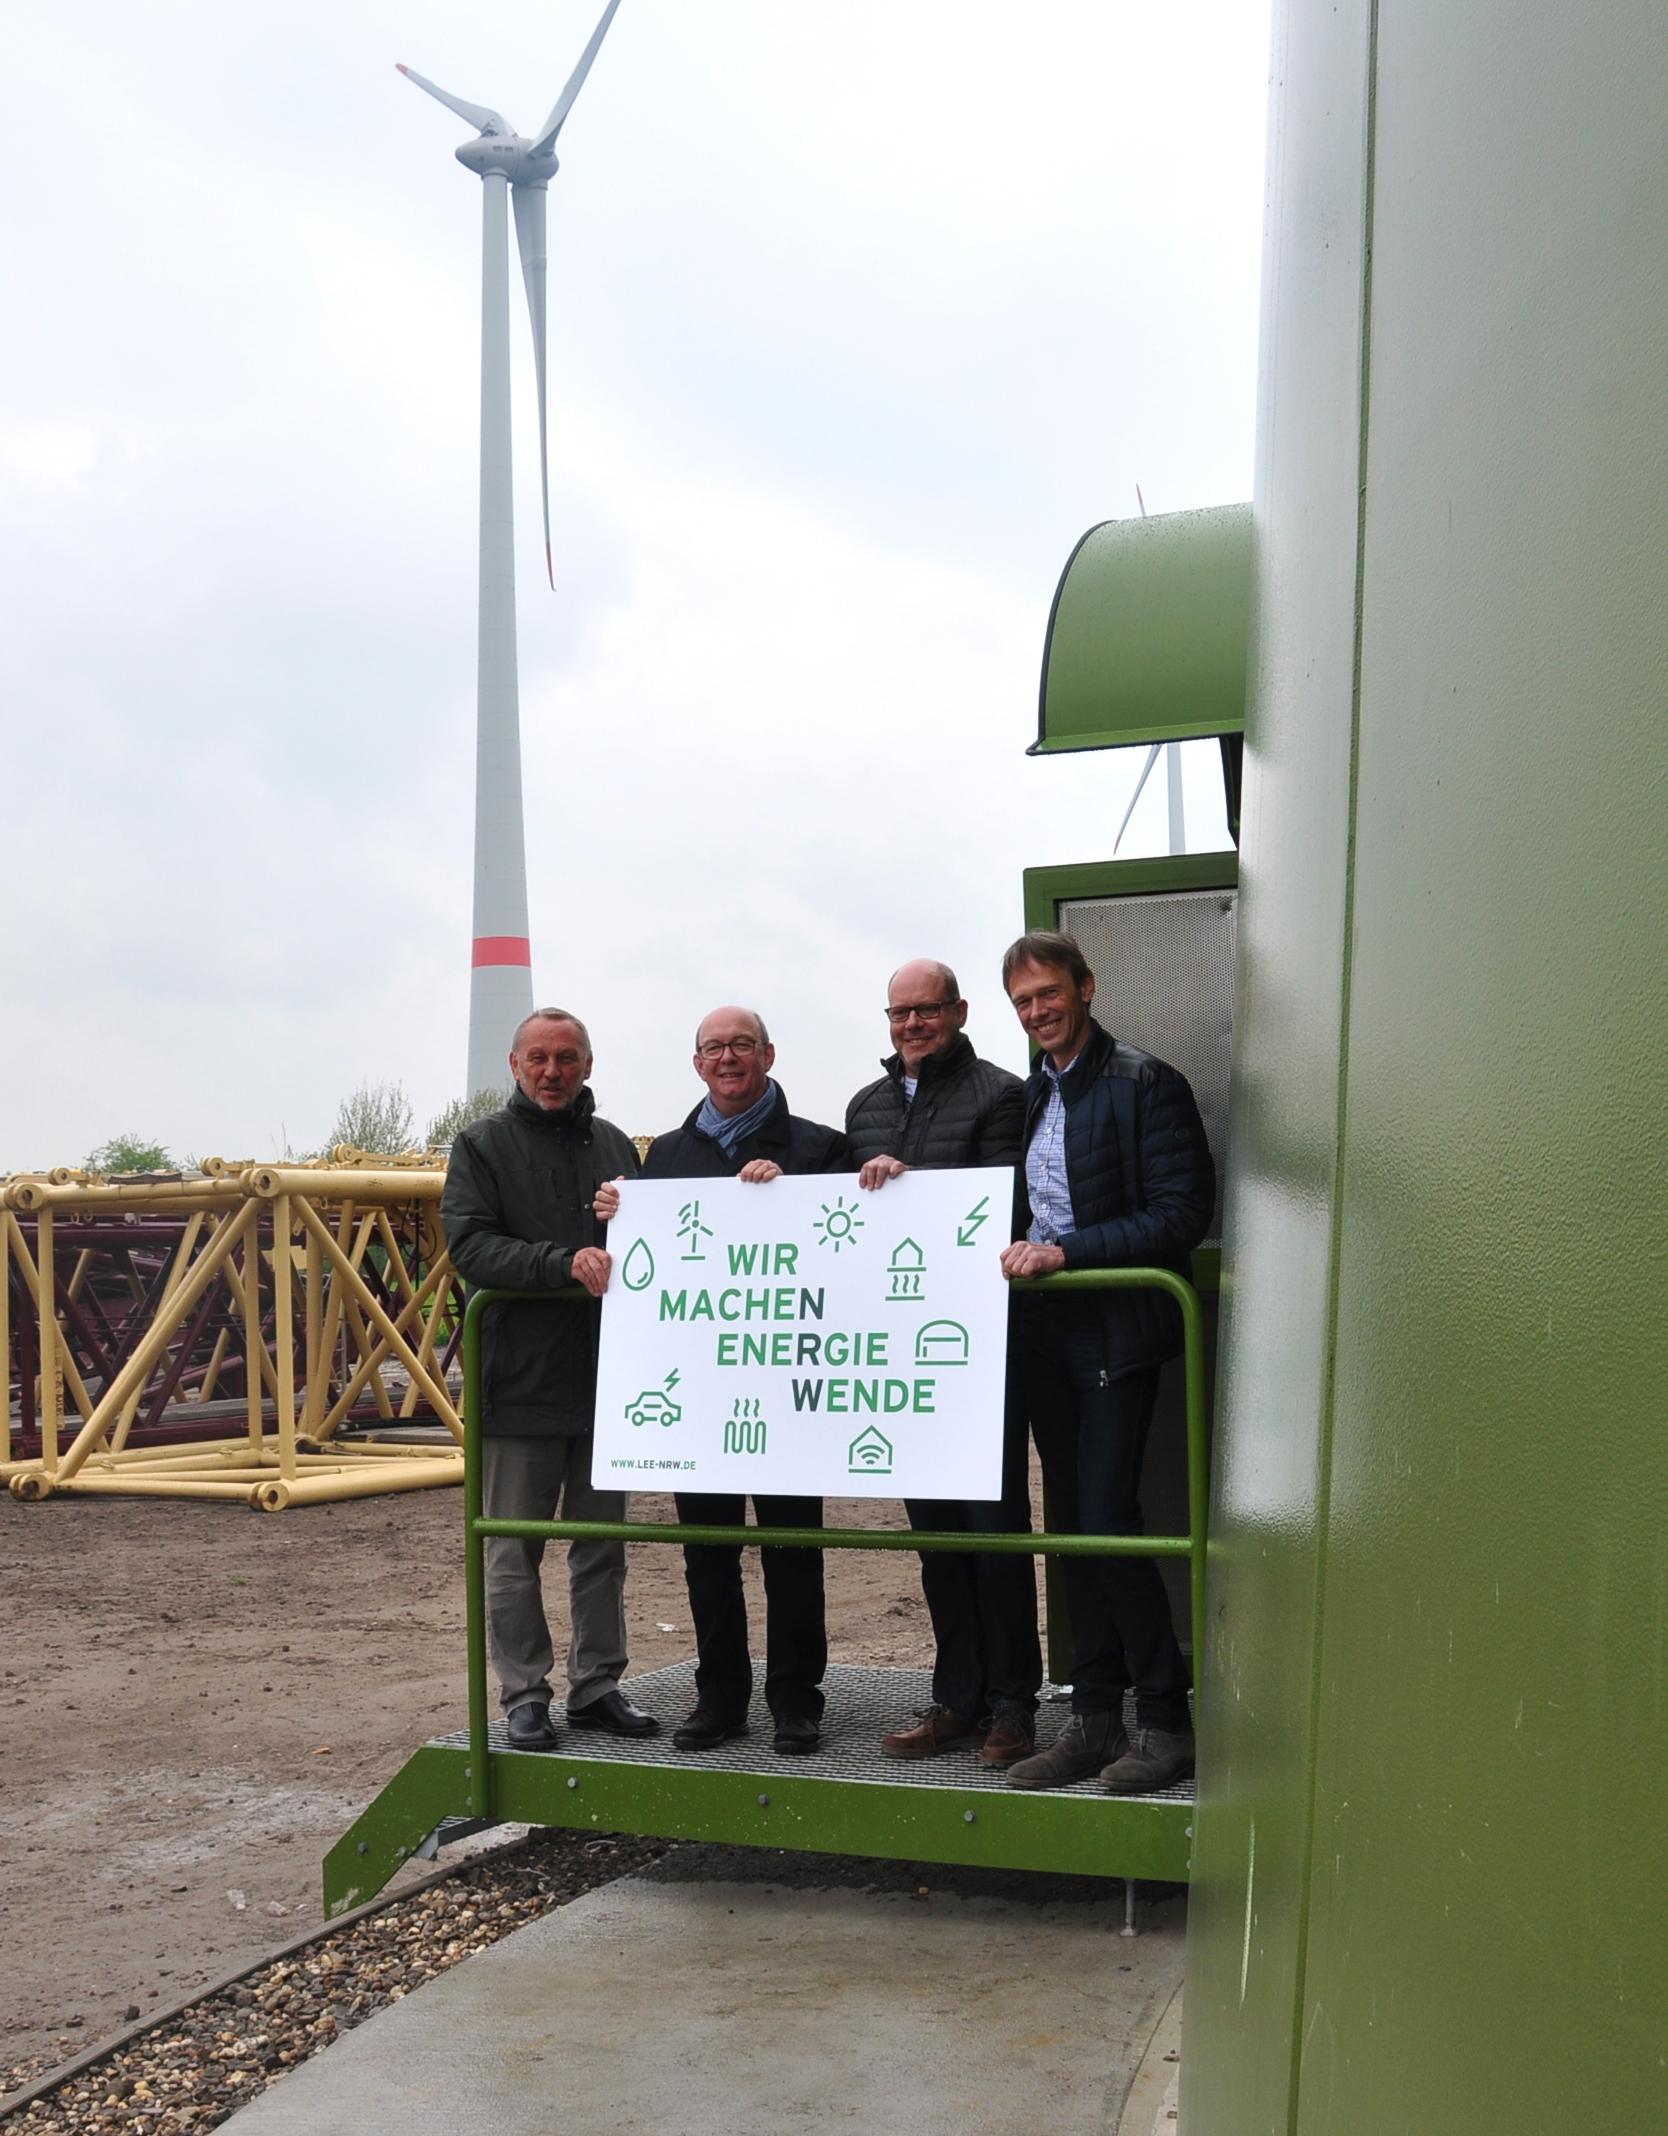 Reiner Priggen (Vorsitzender des LEE NRW), Norbert Meesters MdL NRW), Theo Lemken (Geschäftsführer Stiftung Lühlerheim), Klaus Schulze Langenhorst (Geschäftsführer SL NaturEnergie)